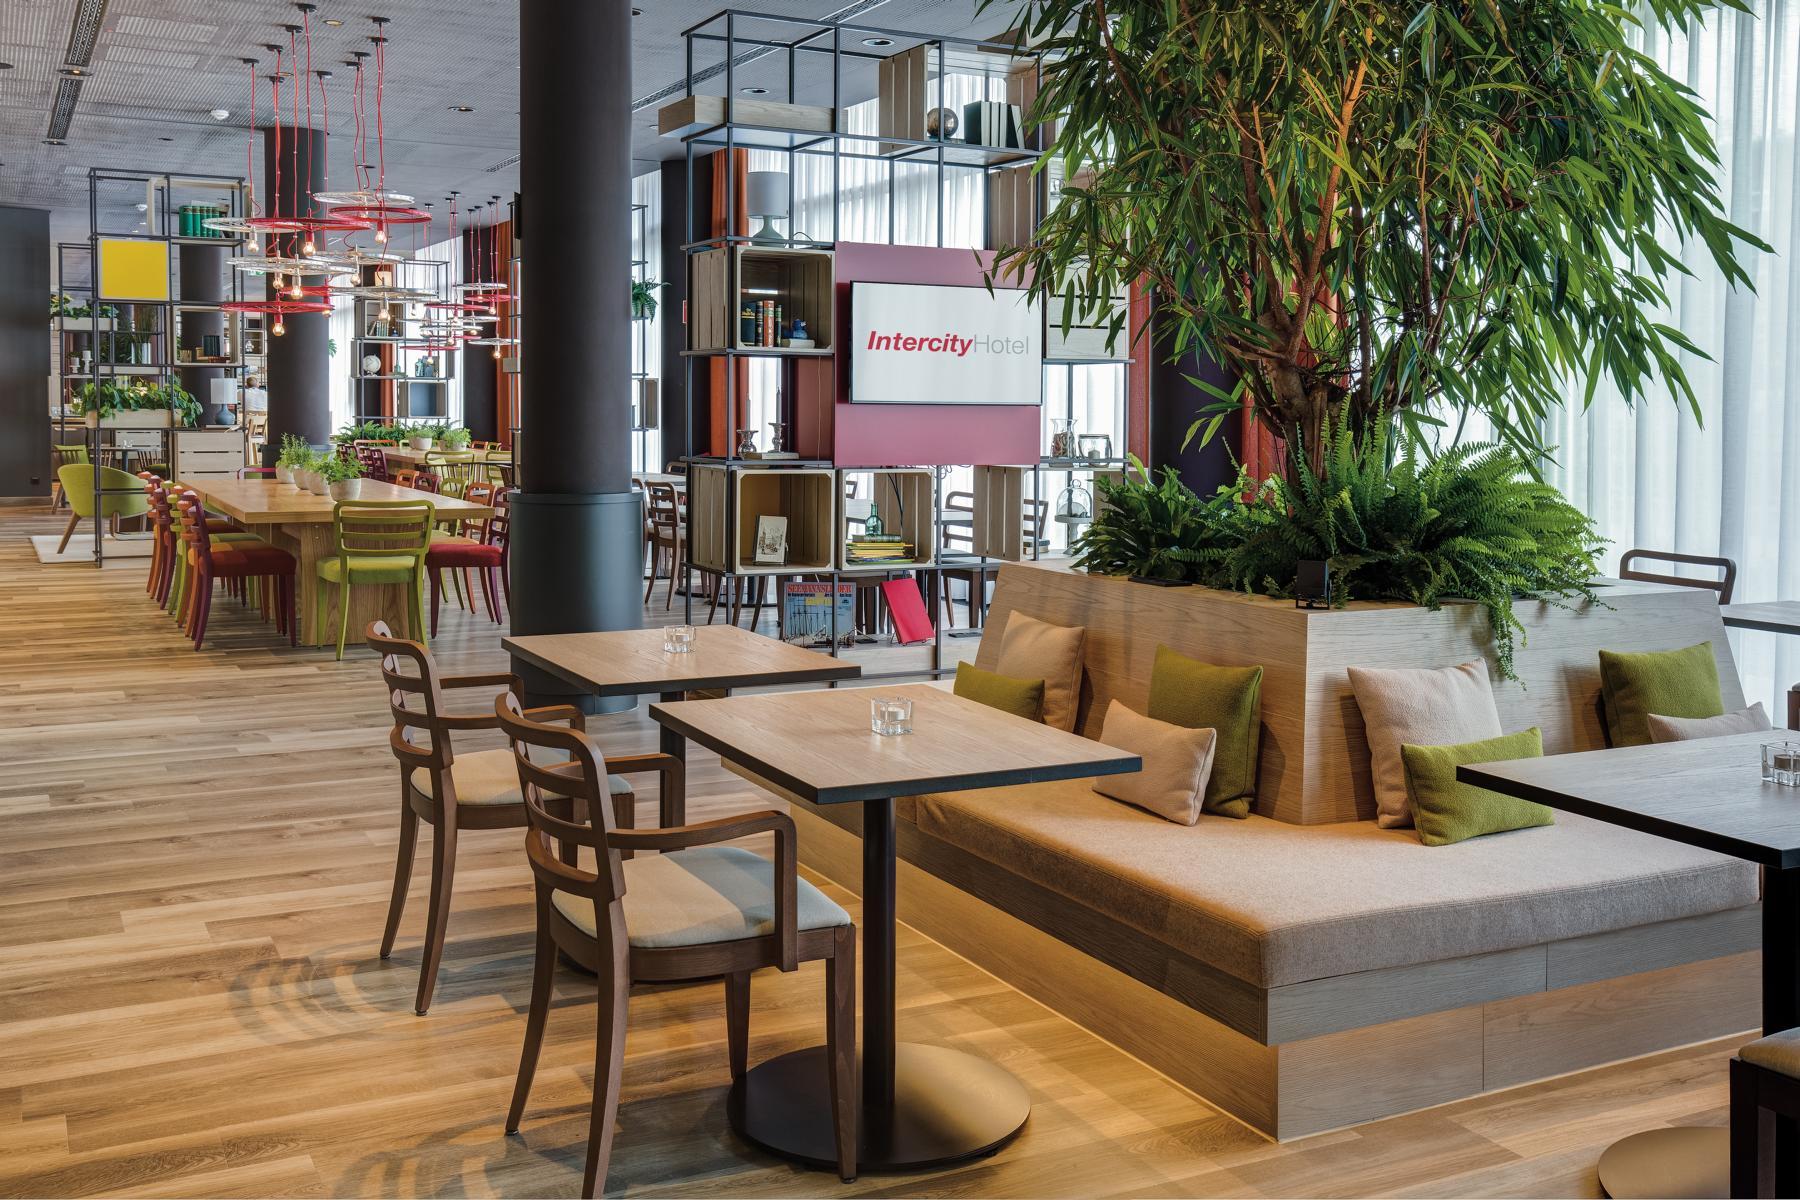 K1600_ICH_Duisburg_Restaurant_7688